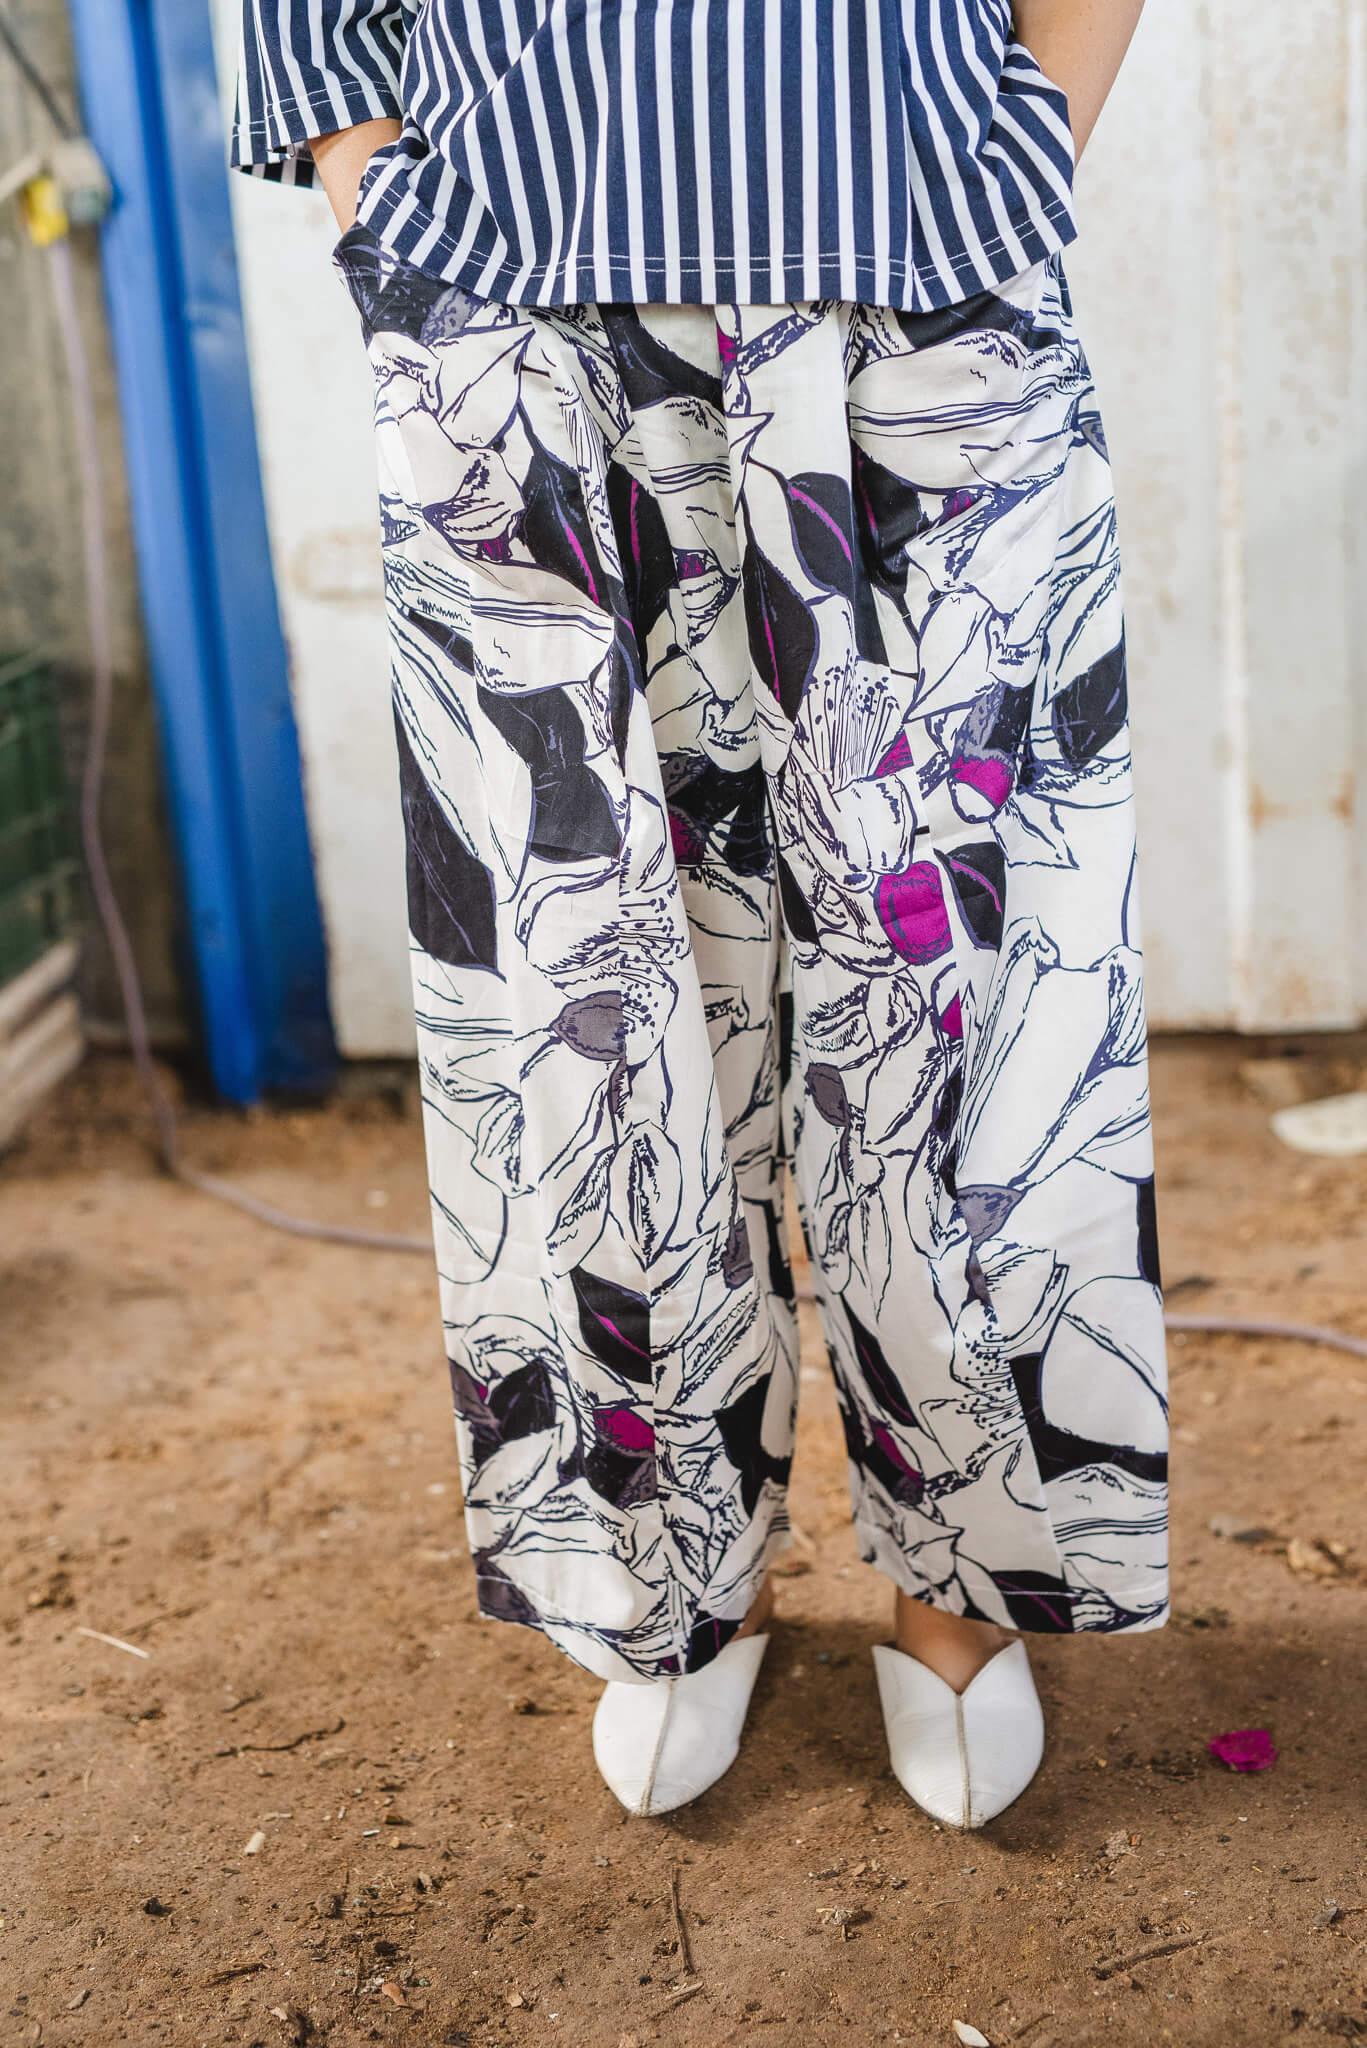 מכנסיים מדגם שלושה חלקים עם הדפס פרחים בצבעים של לבן, שחור וסגול